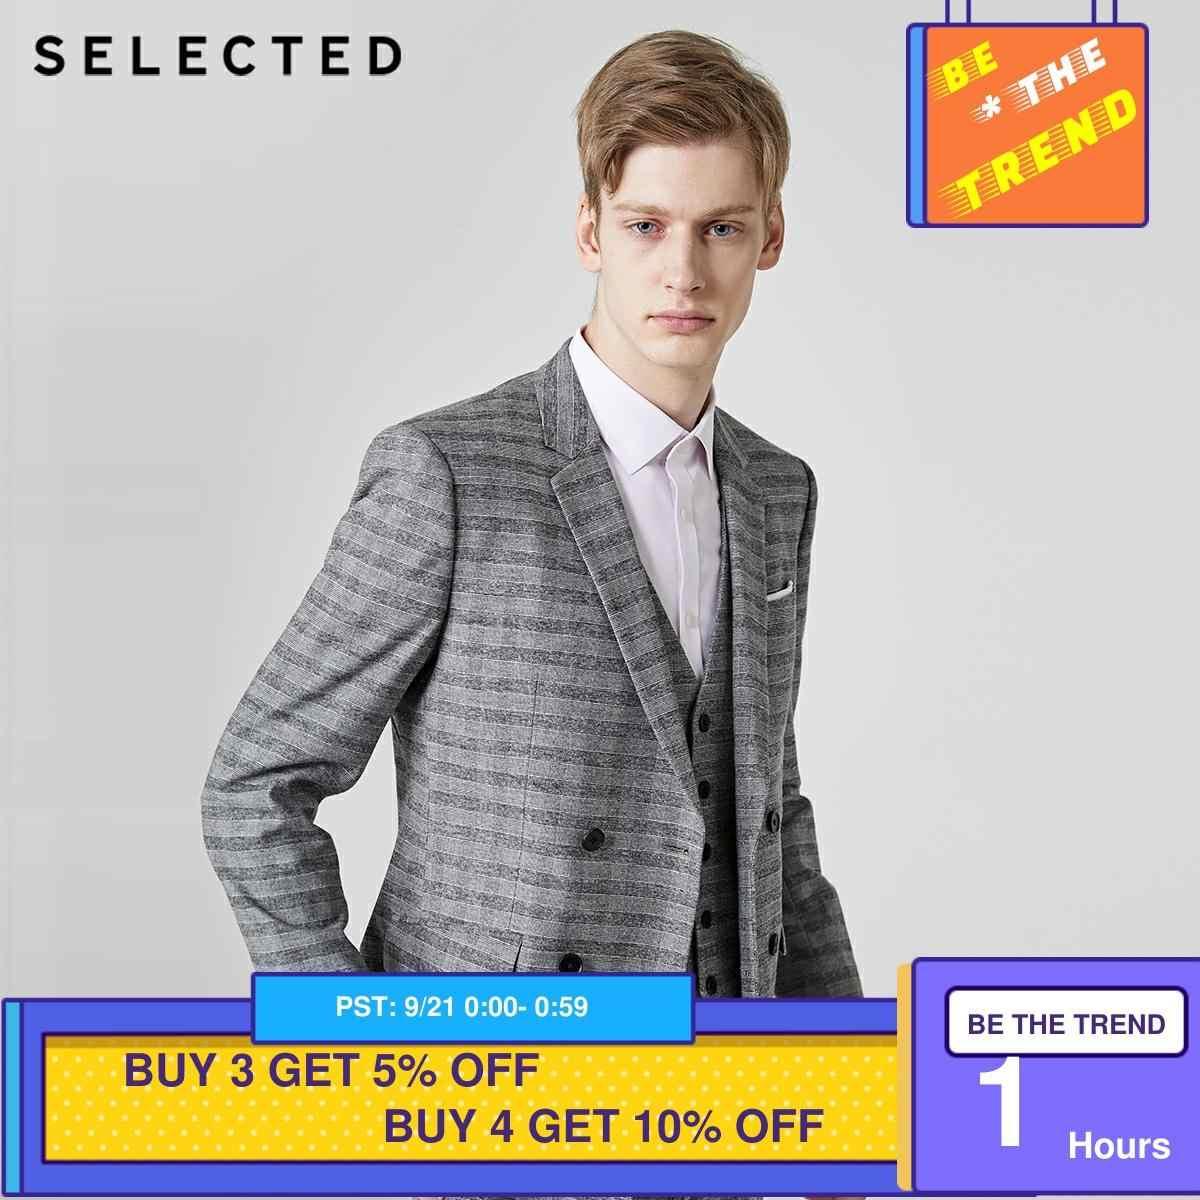 選択メンズレギュラースリムフィットストライプブレザー閉鎖襟のジャケットの服t | 41925X504